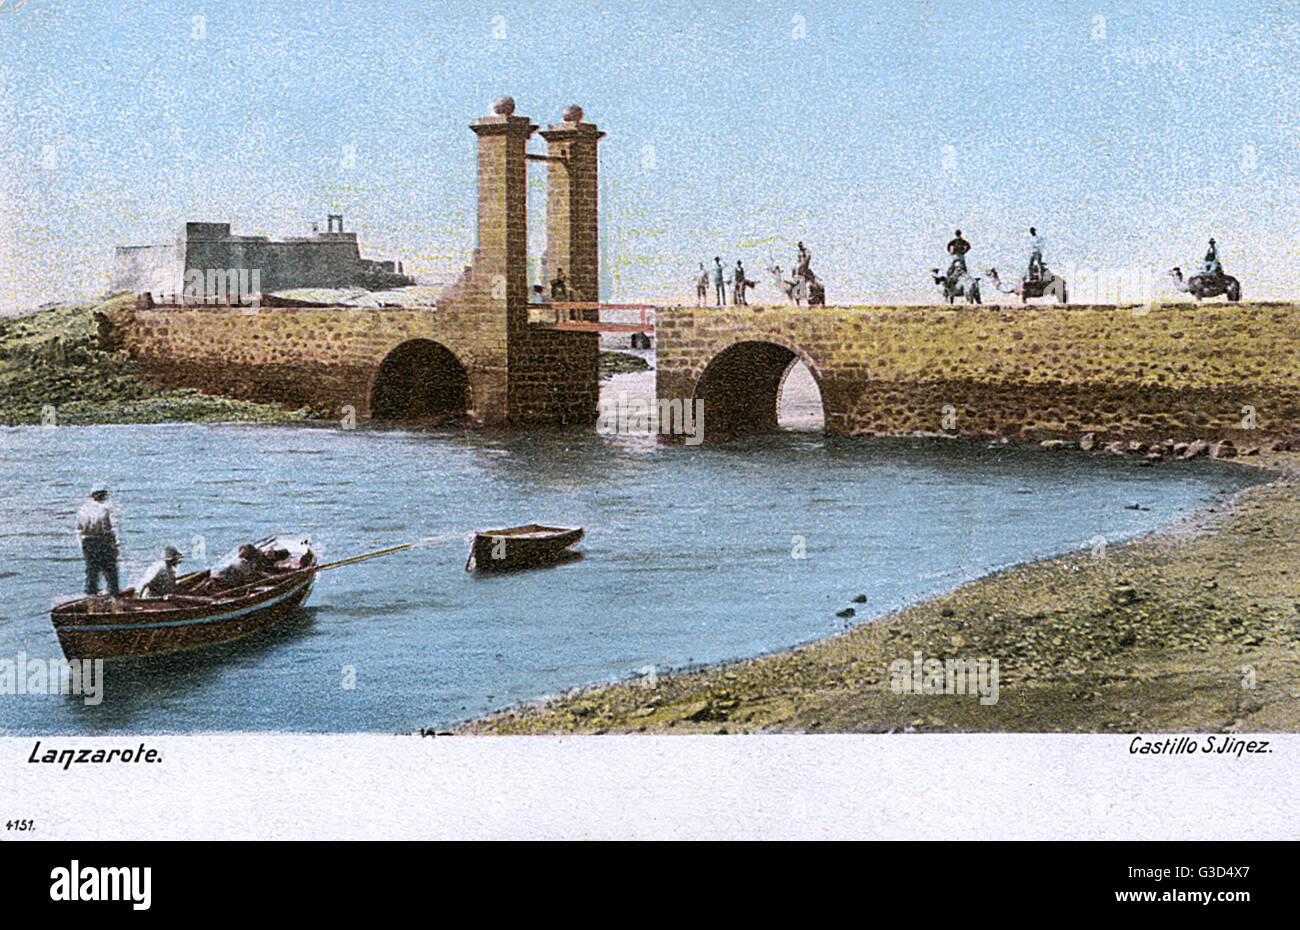 Bridge (Puente de las Bolas) at Arrecife, Lanzarote, Canary Islands, with the San Gabriel Castle on the left.   Stock Photo